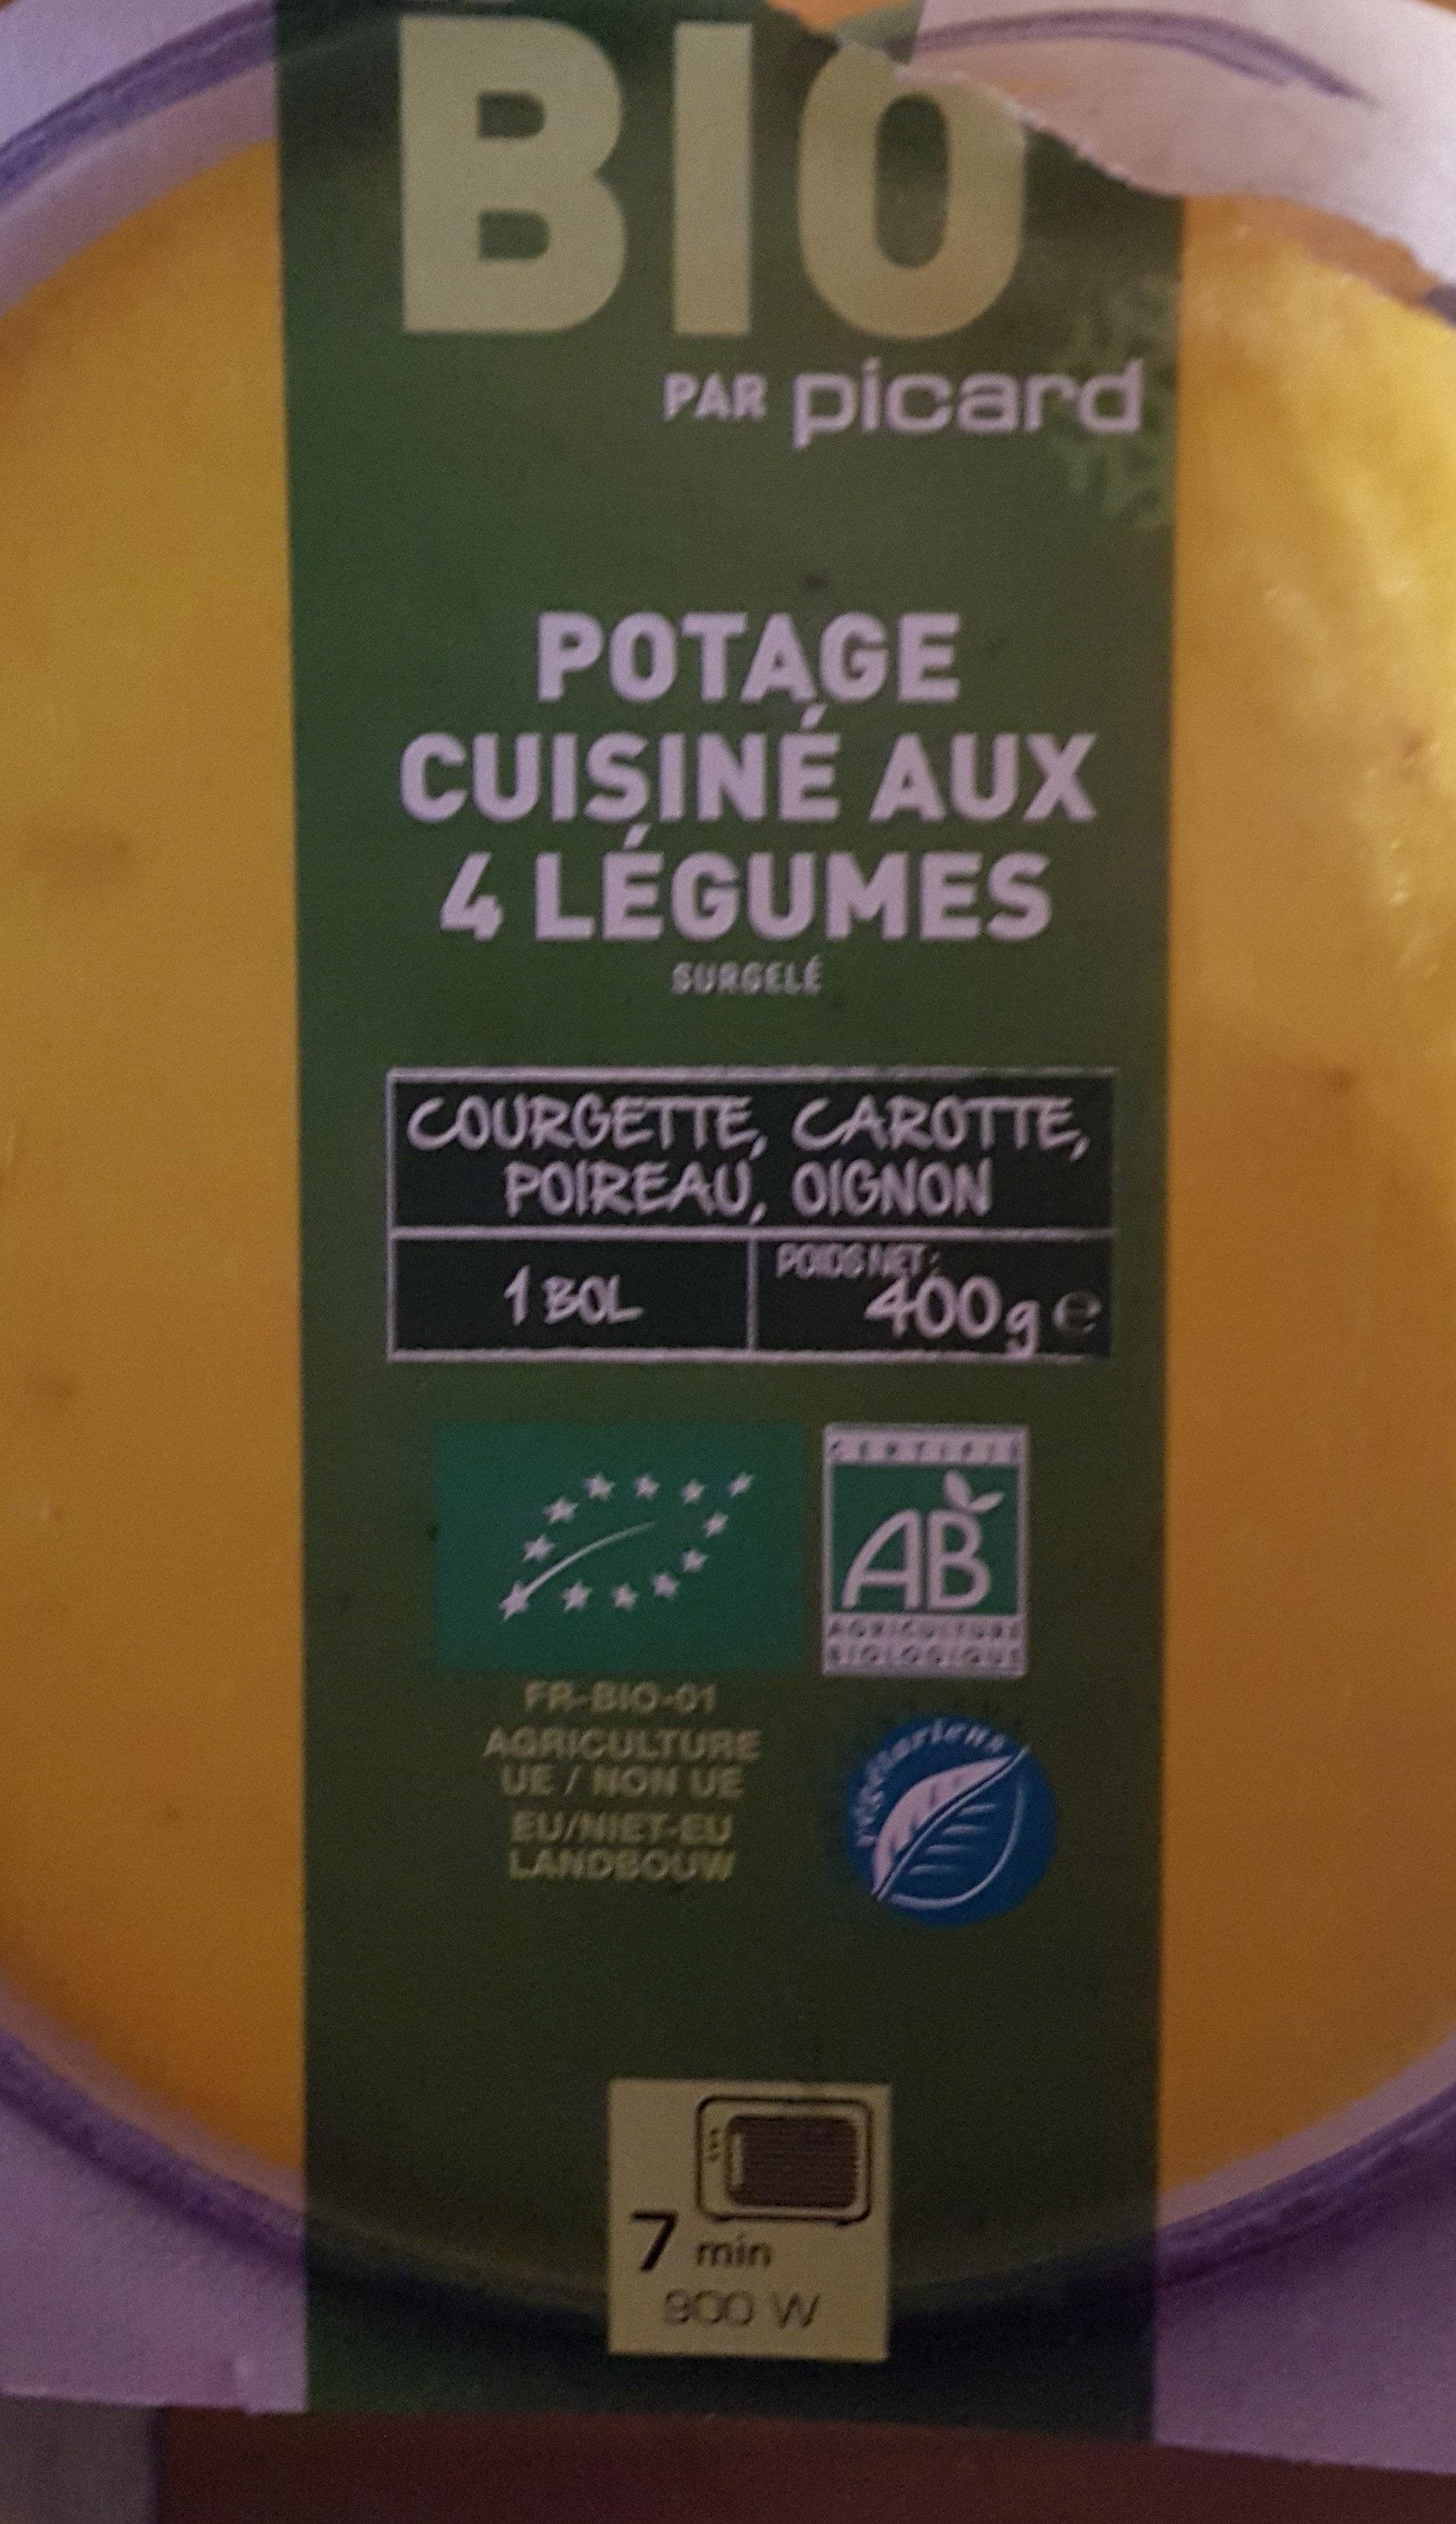 Potage cuisiné aux 4 légumes, bio - Produit - fr